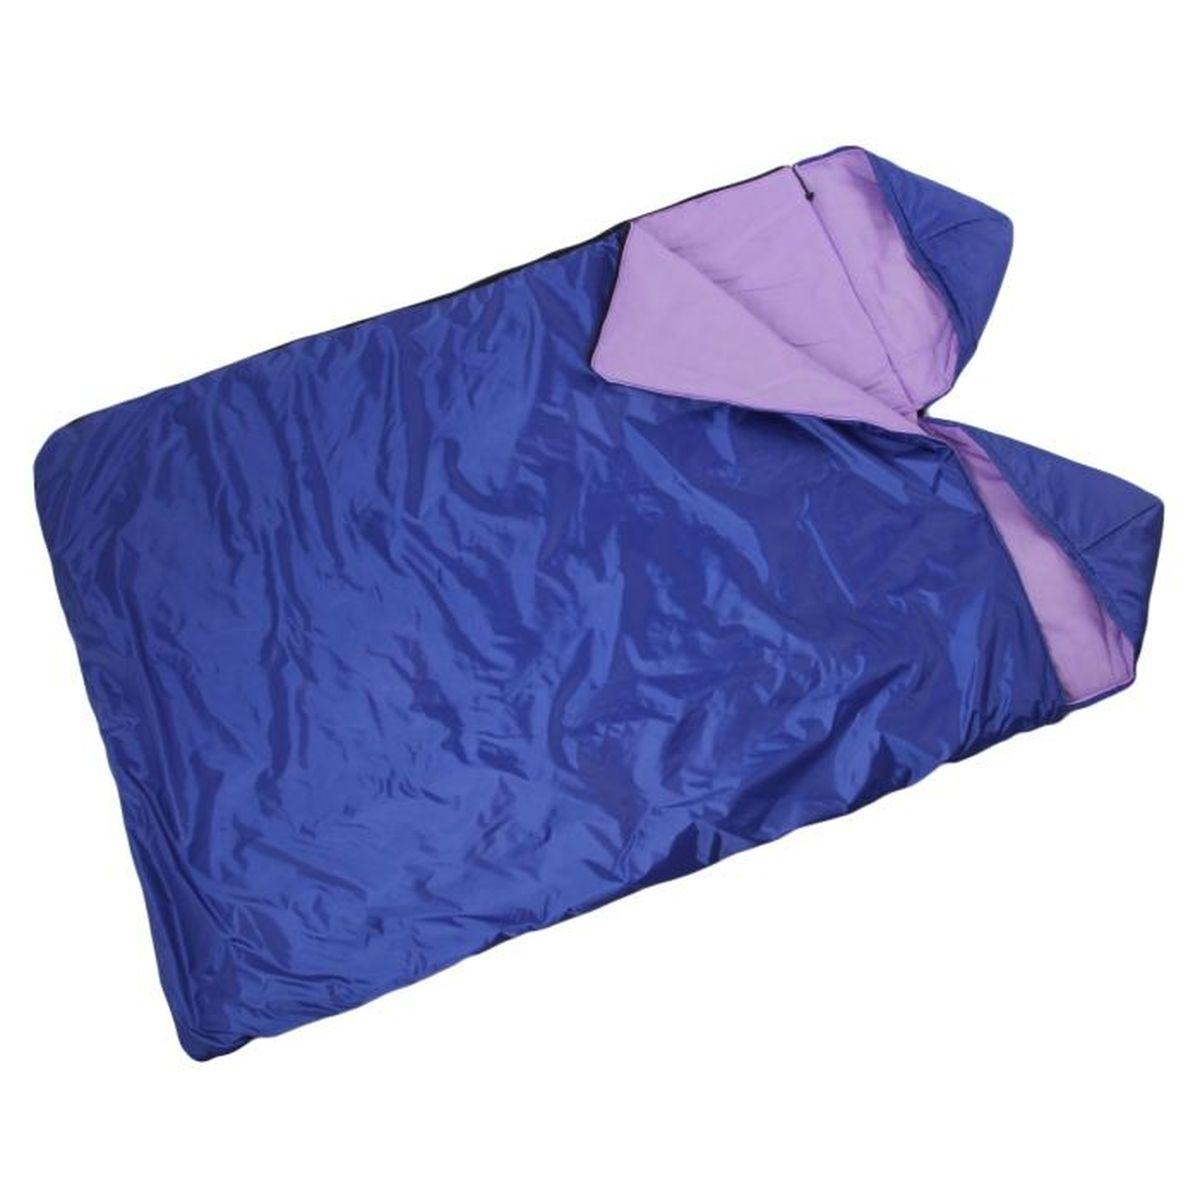 Мешок спальный Onlitop Престиж, 2-местный, цвет: фиолетовый, правосторонняя молния1344026Комфортный, просторный и очень теплый 3-х сезонный спальник Мешок спальный Onlitop Престиж предназначен для походов и для отдыха на природе не только в летнее время, но и в прохладные дни весенне-осеннего периода. В теплое время спальный мешок можно использовать как одеяло (в том числе и дома).Материал внешней ткани: полиэстер (Oxford 200D).Материал внутренней ткани: Хлопок.Наполнитель: Синтетика (300 г/м2).Вес: 2.5 кг.Длина: 210 см.Ширина: 140 см.Размеры в свернутом виде: 60 х 27 см.Размеры мешка: 280 х 185 см.Что взять с собой в поход?. Статья OZON Гид